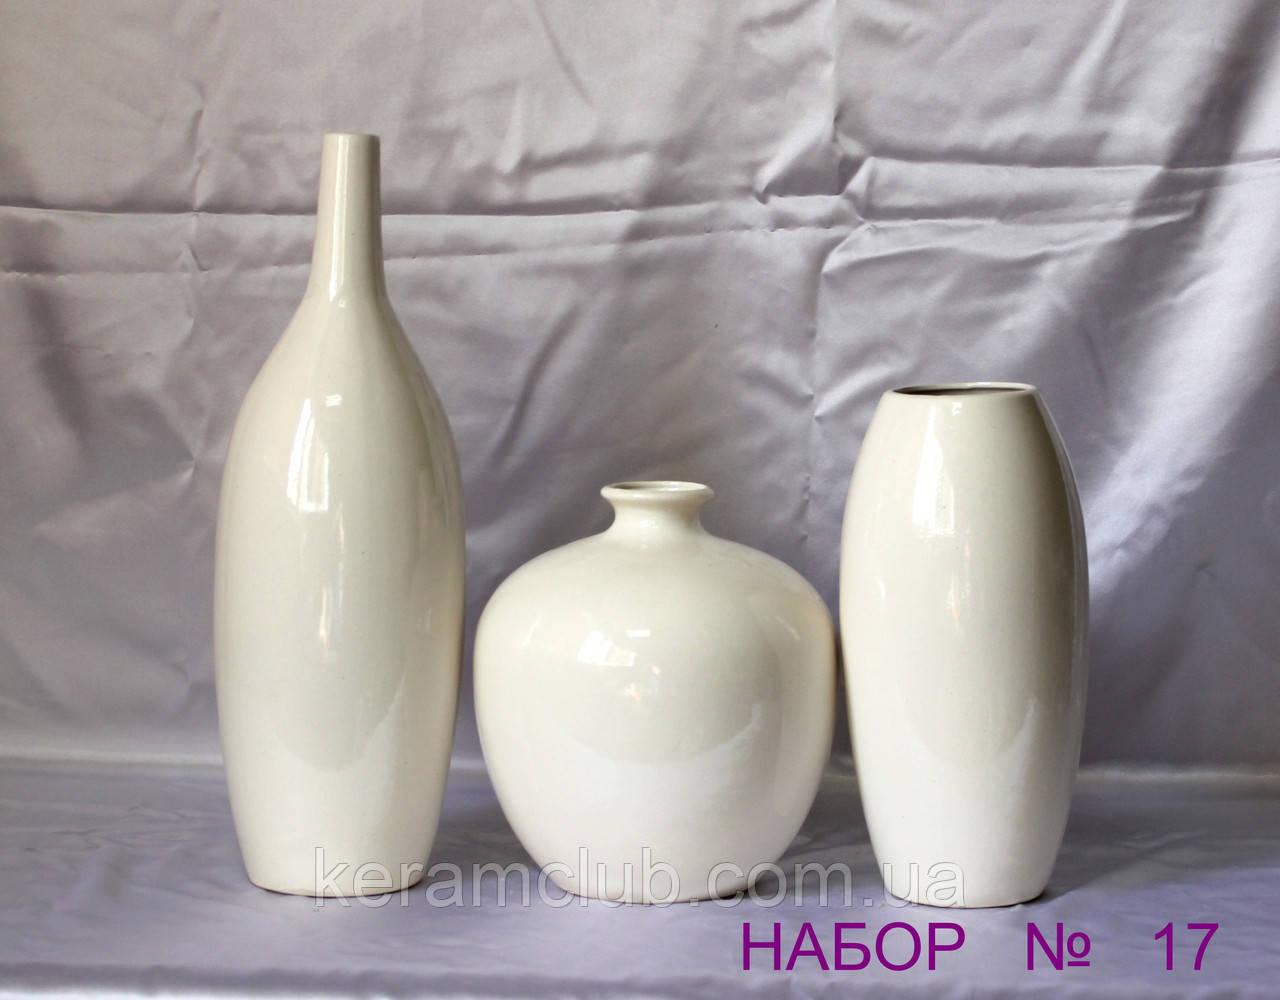 Набор интерьерных ваз №17